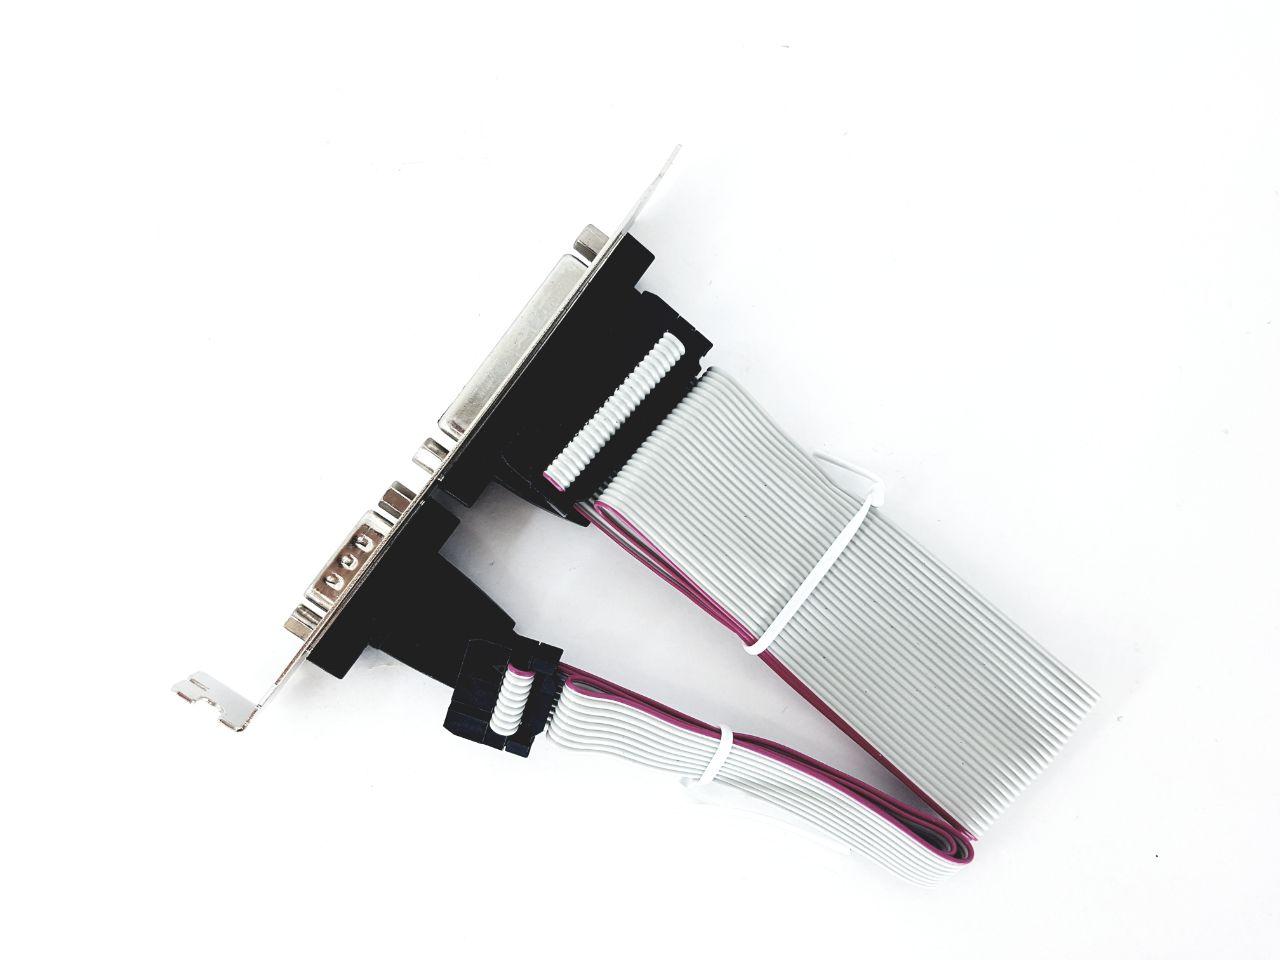 Rabicho Perfil Alto impressora + paralelo  Novo